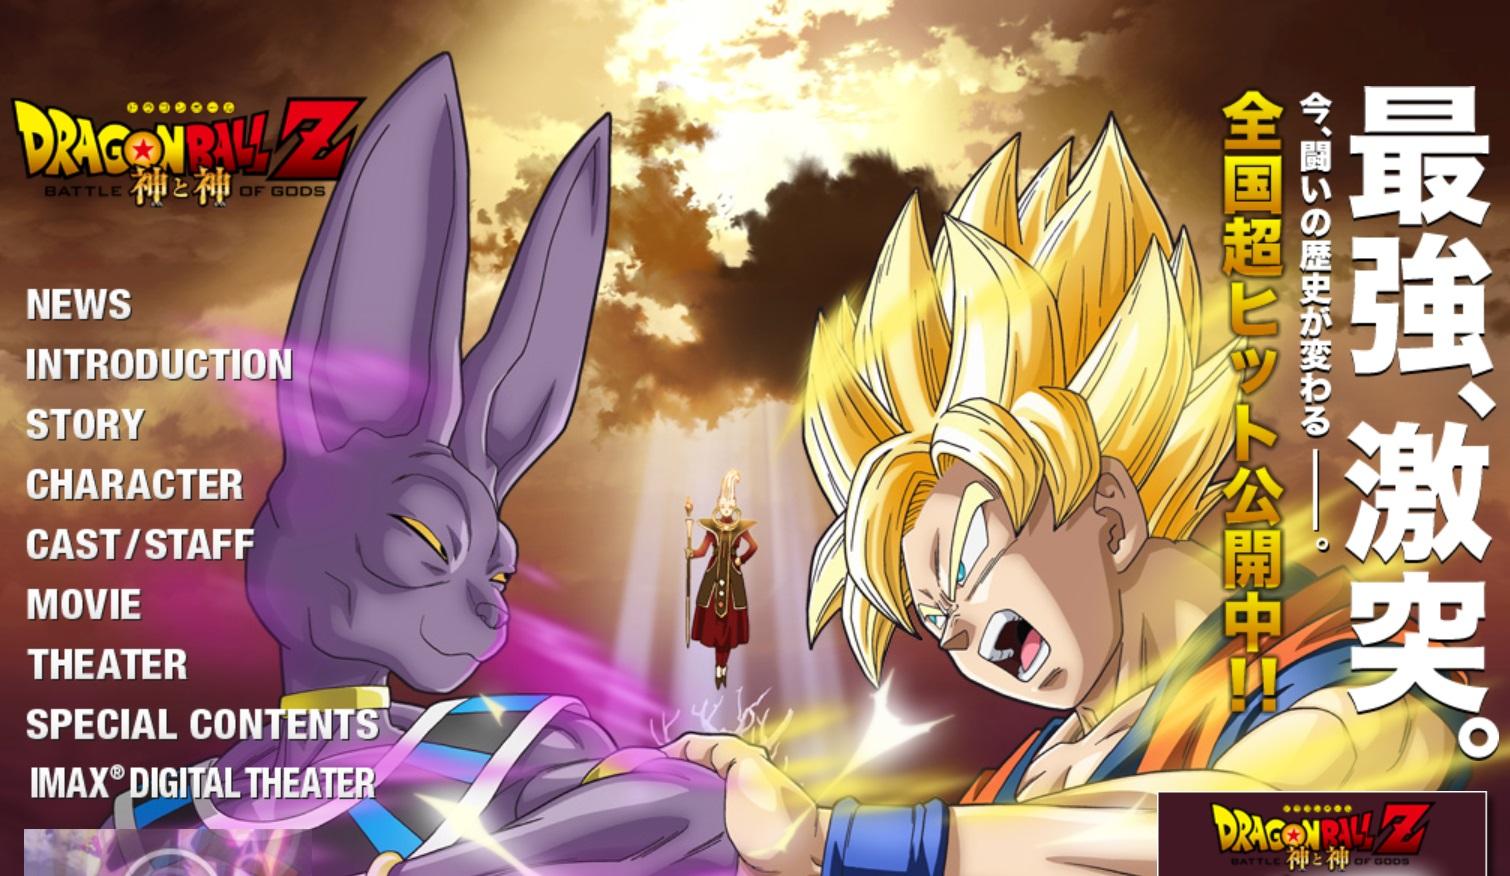 ドラゴンボール超新作映画が2018-2020に公開!?トランクスとセル登場??